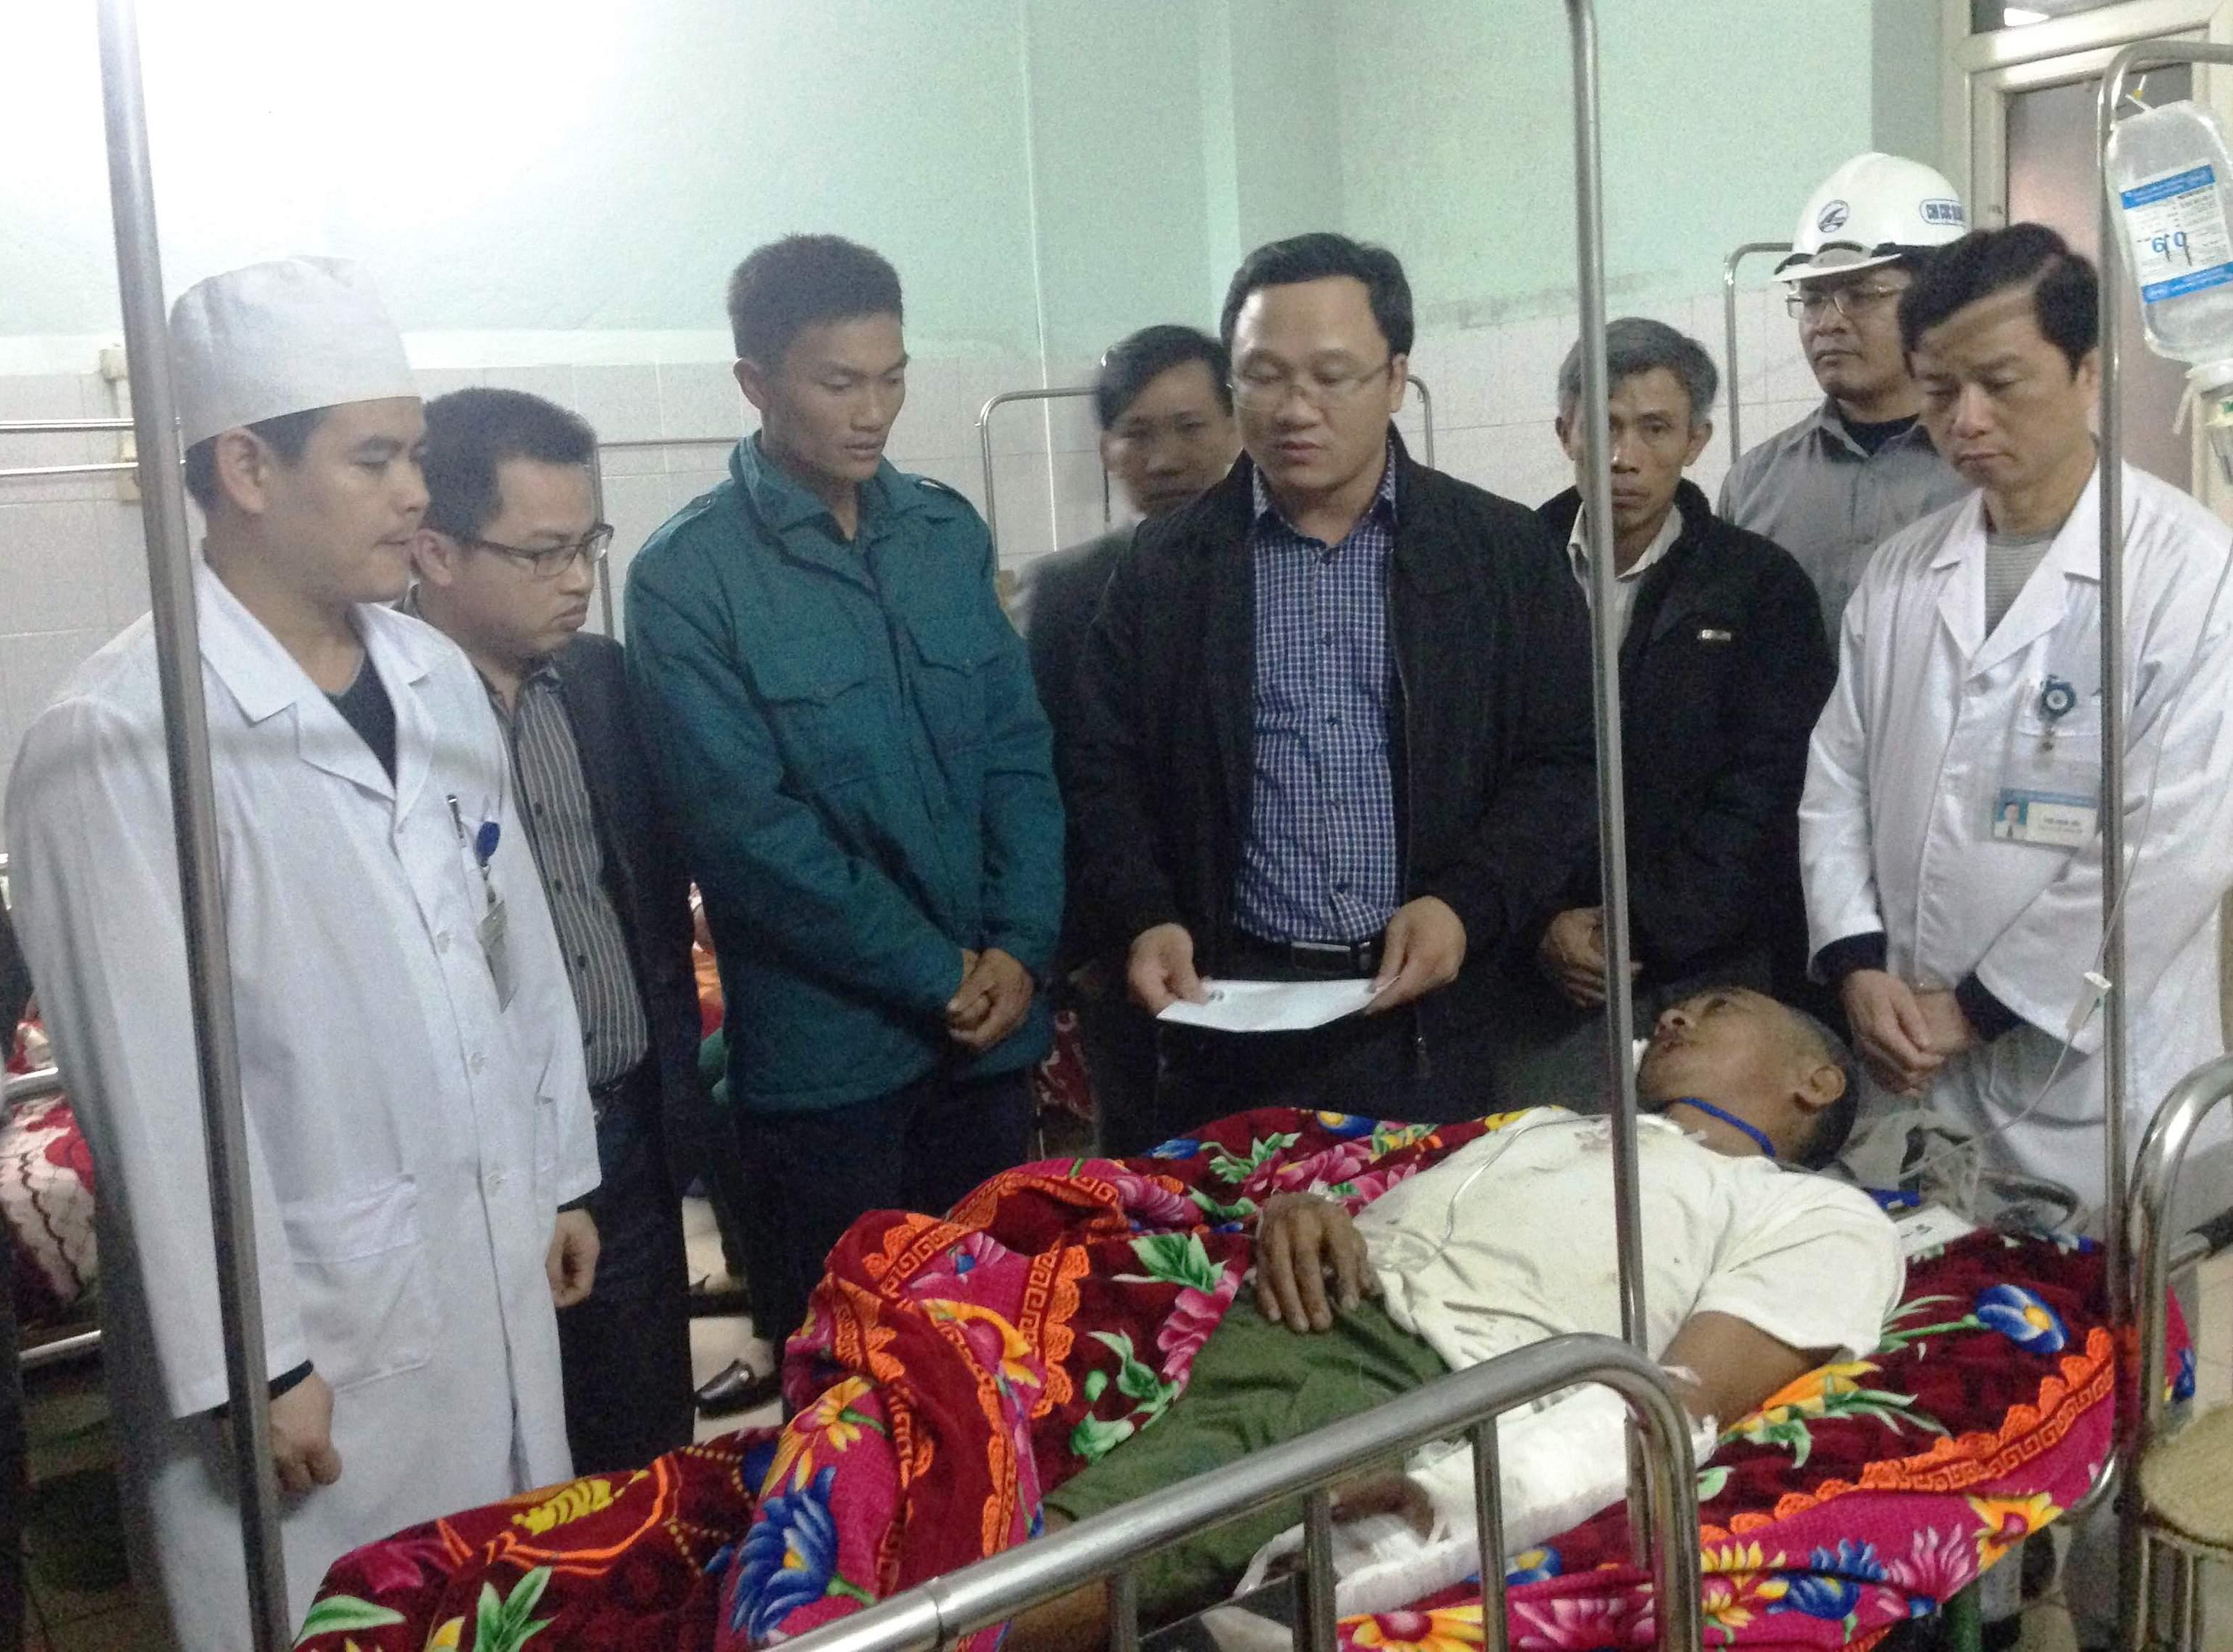 Bố mẹ cô dâu đều tử nạn trong vụ tai nạn giao thông tại Thanh Hóa